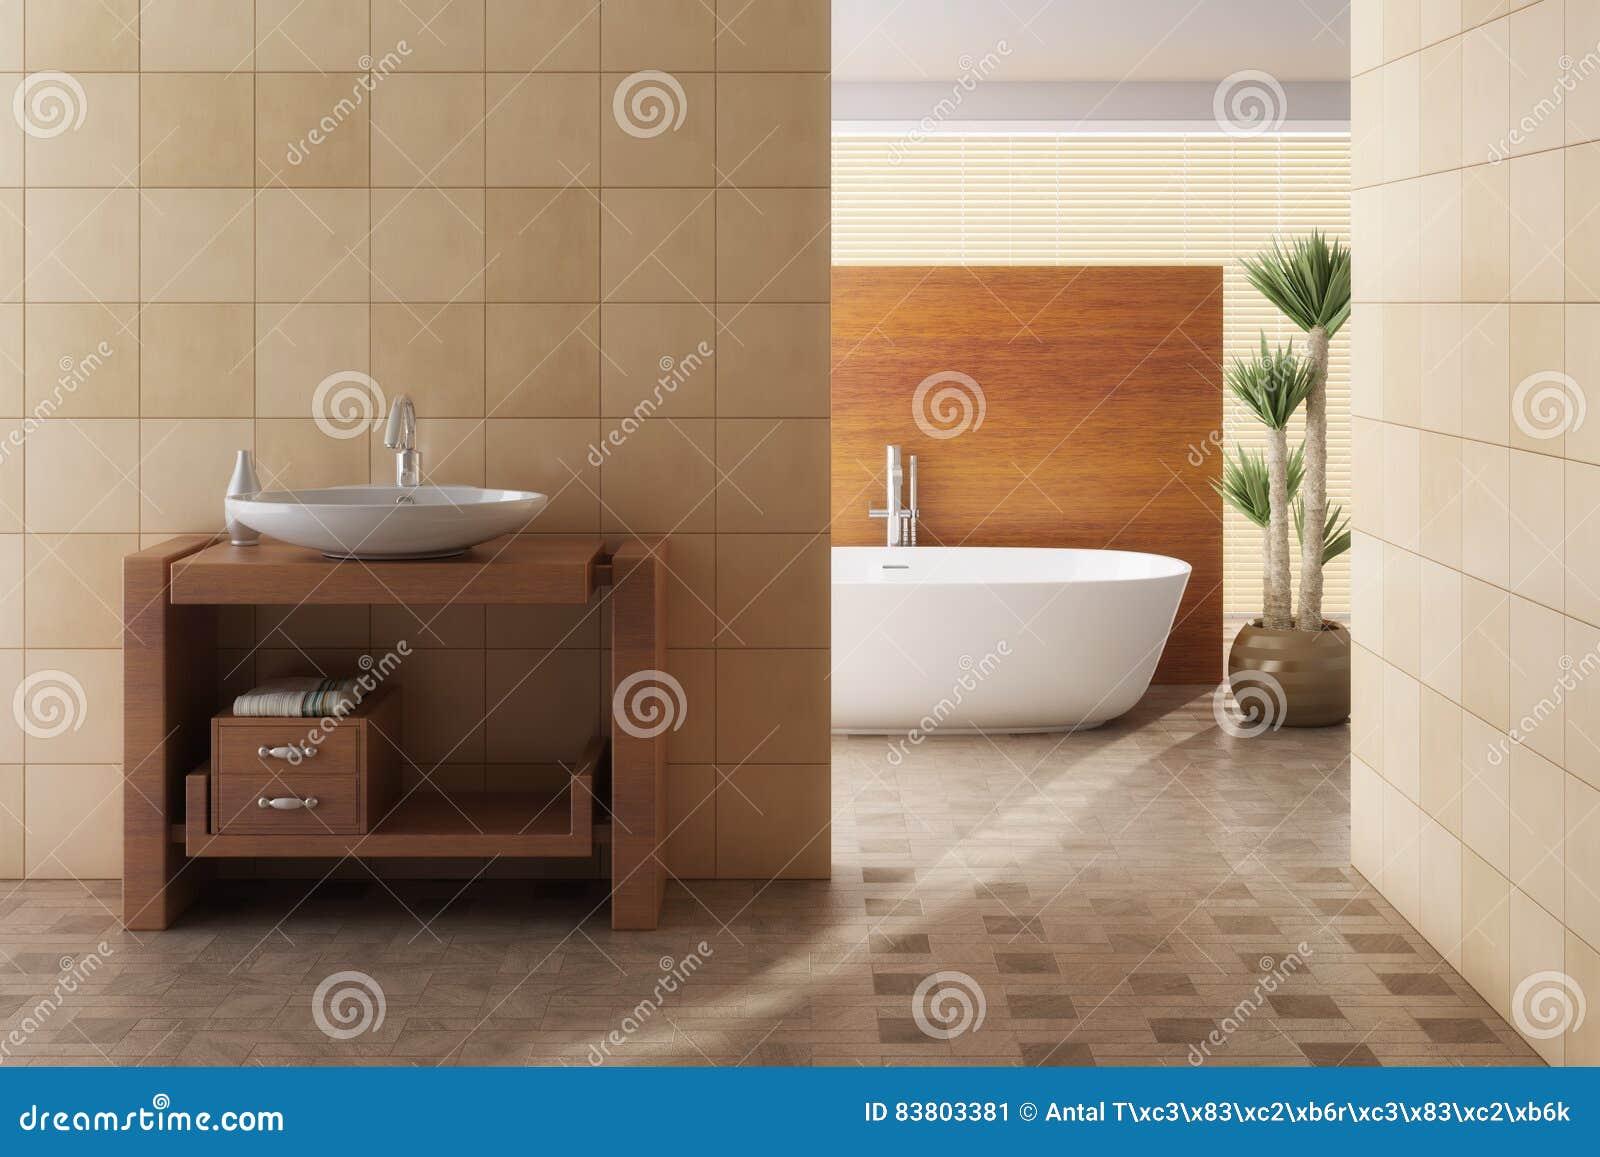 Brown-Badezimmer Einschließlich Bad Und Wanne Stock ...